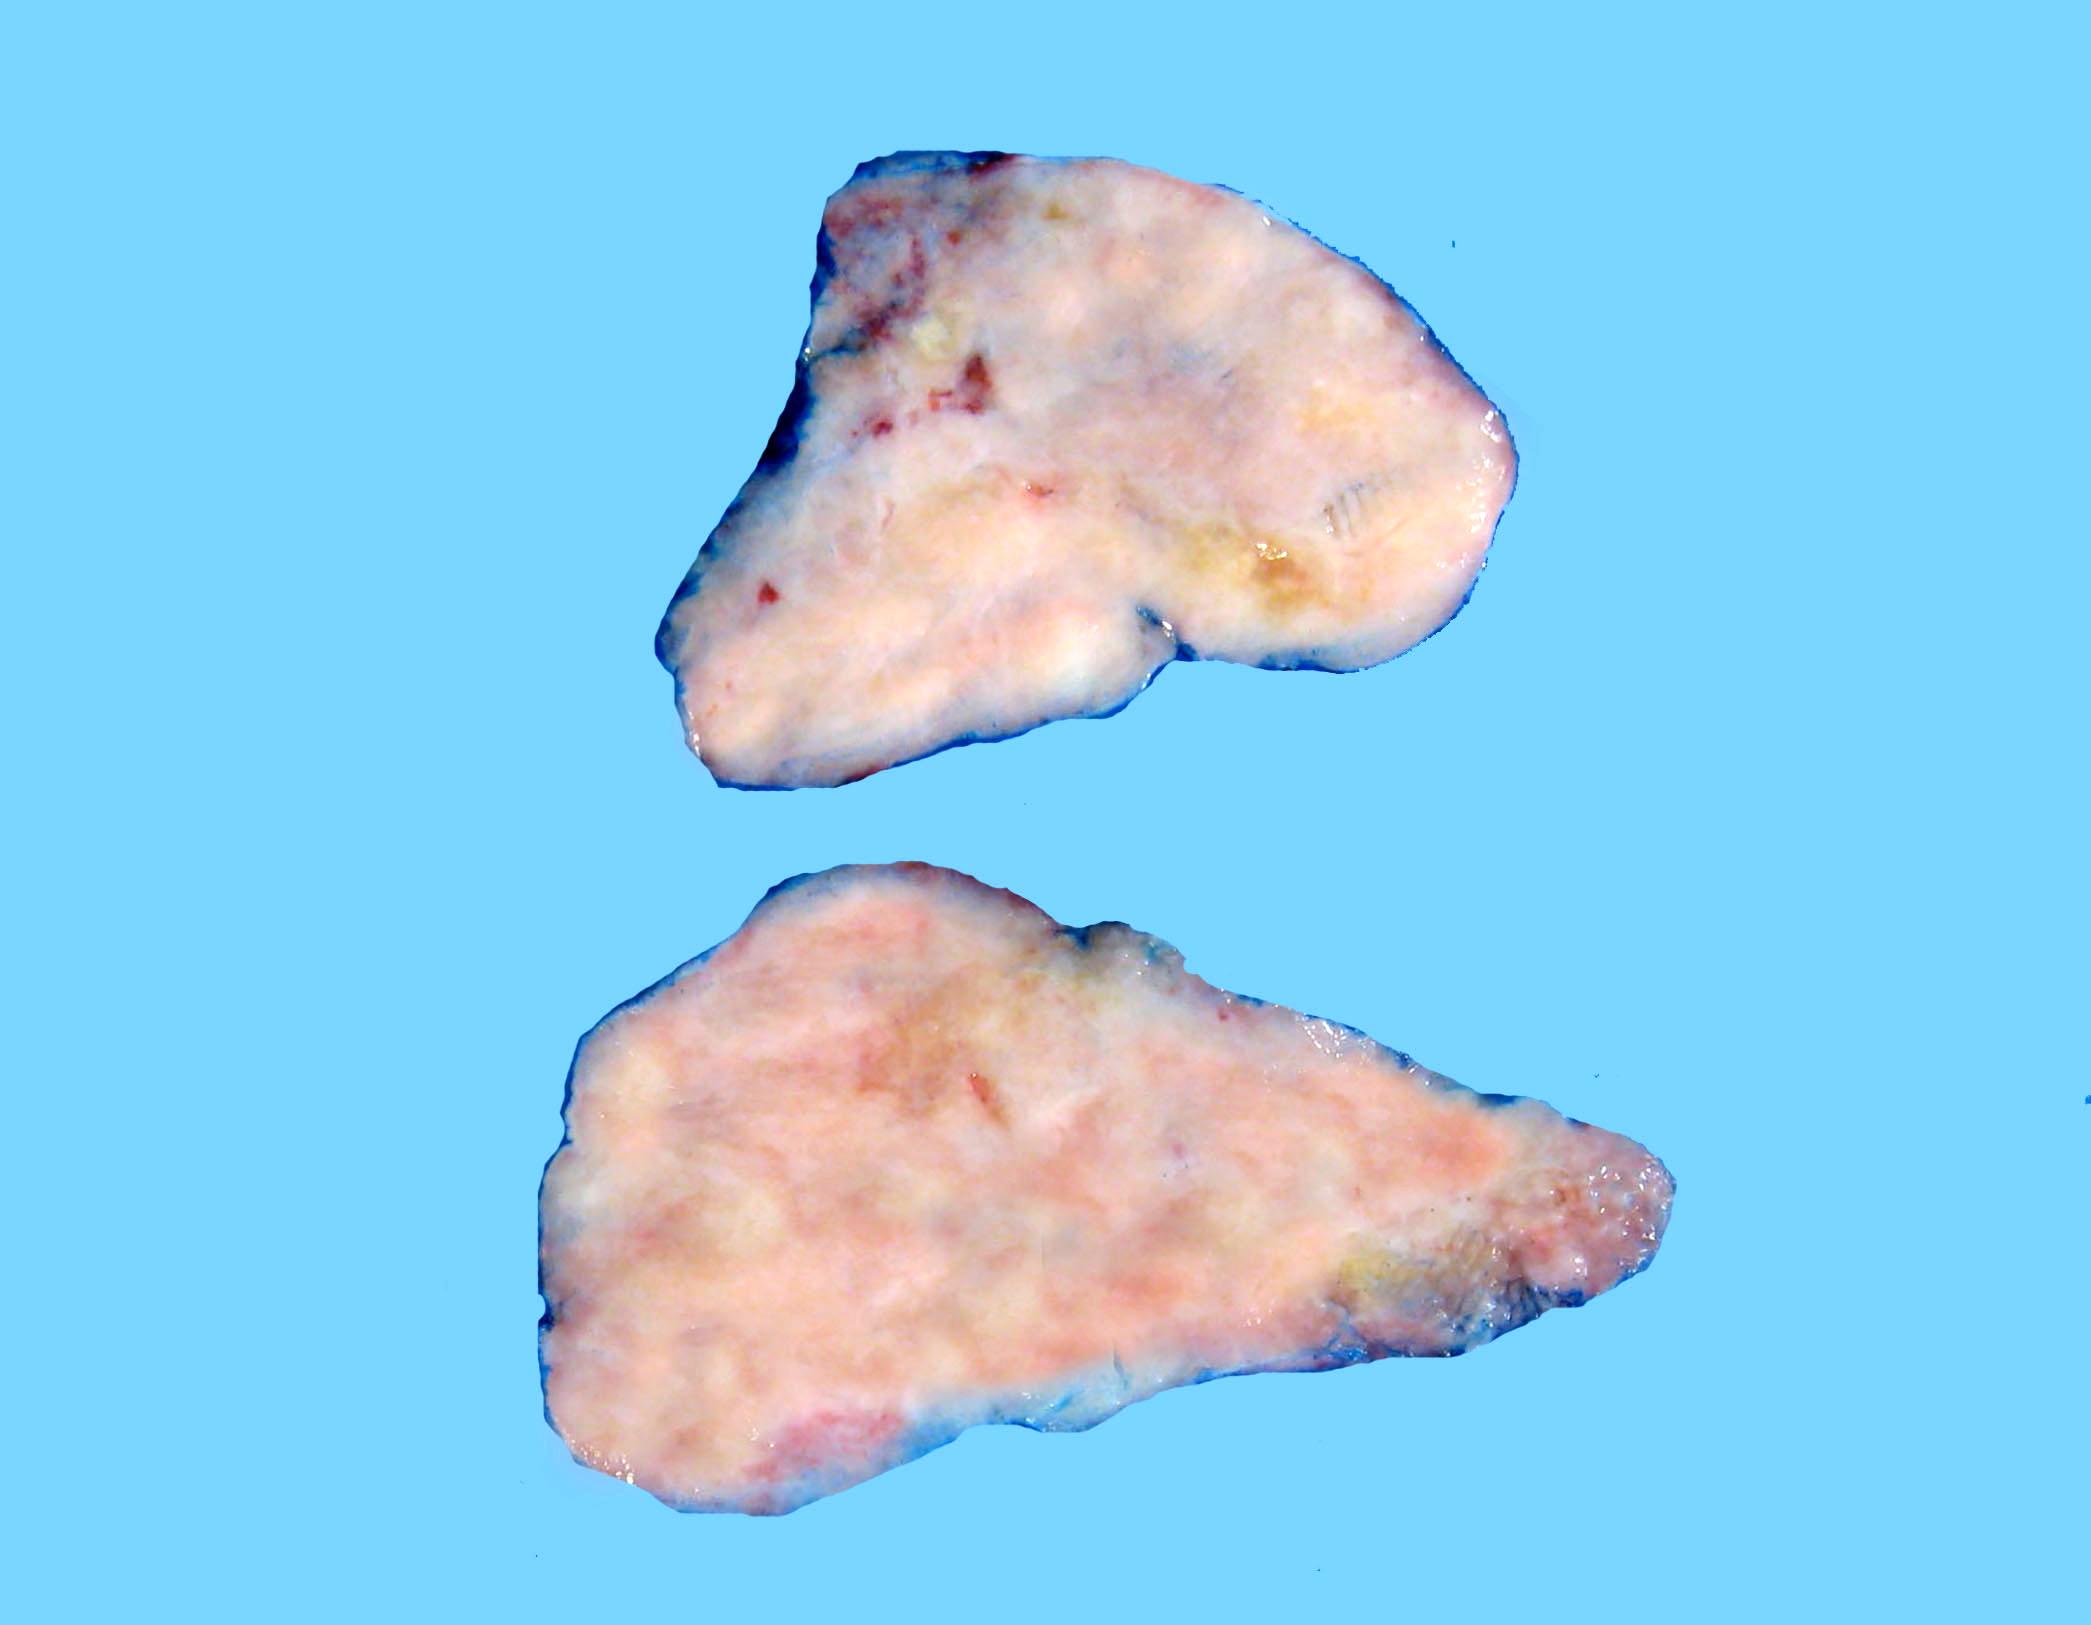 Fibrous cut surface